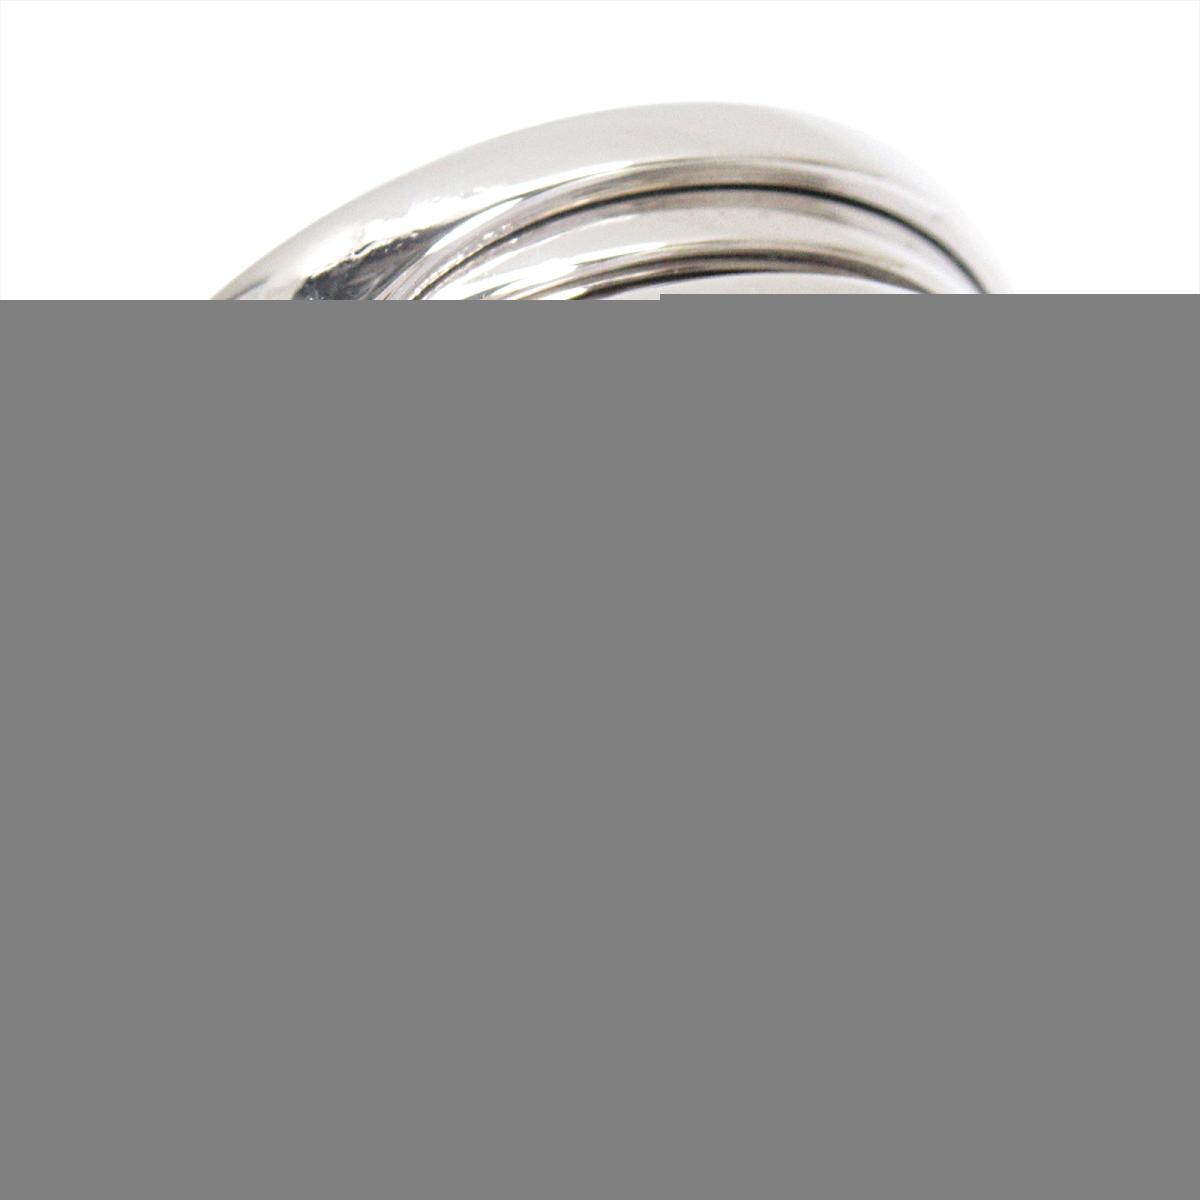 【中古】 ブルガリ B-zero1 リング 指輪 ビーゼロワン メンズ レディース K18WG (750) ホワイトゴールド   BVLGARI BRANDOFF ブランドオフ ブランド ジュエリー アクセサリー